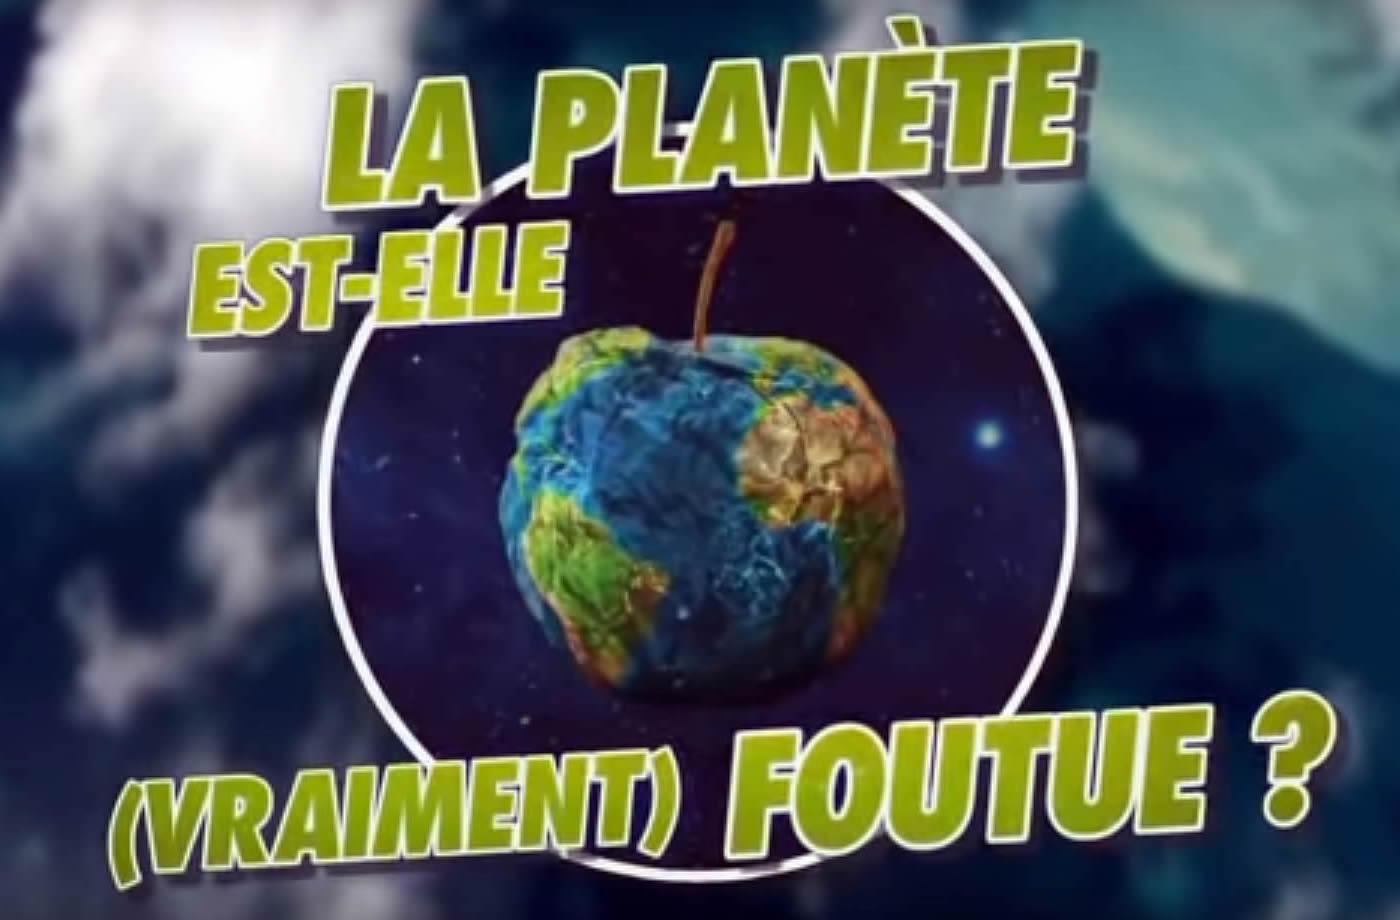 Blog : La planète est-elle vraiment foutue ? - different.land